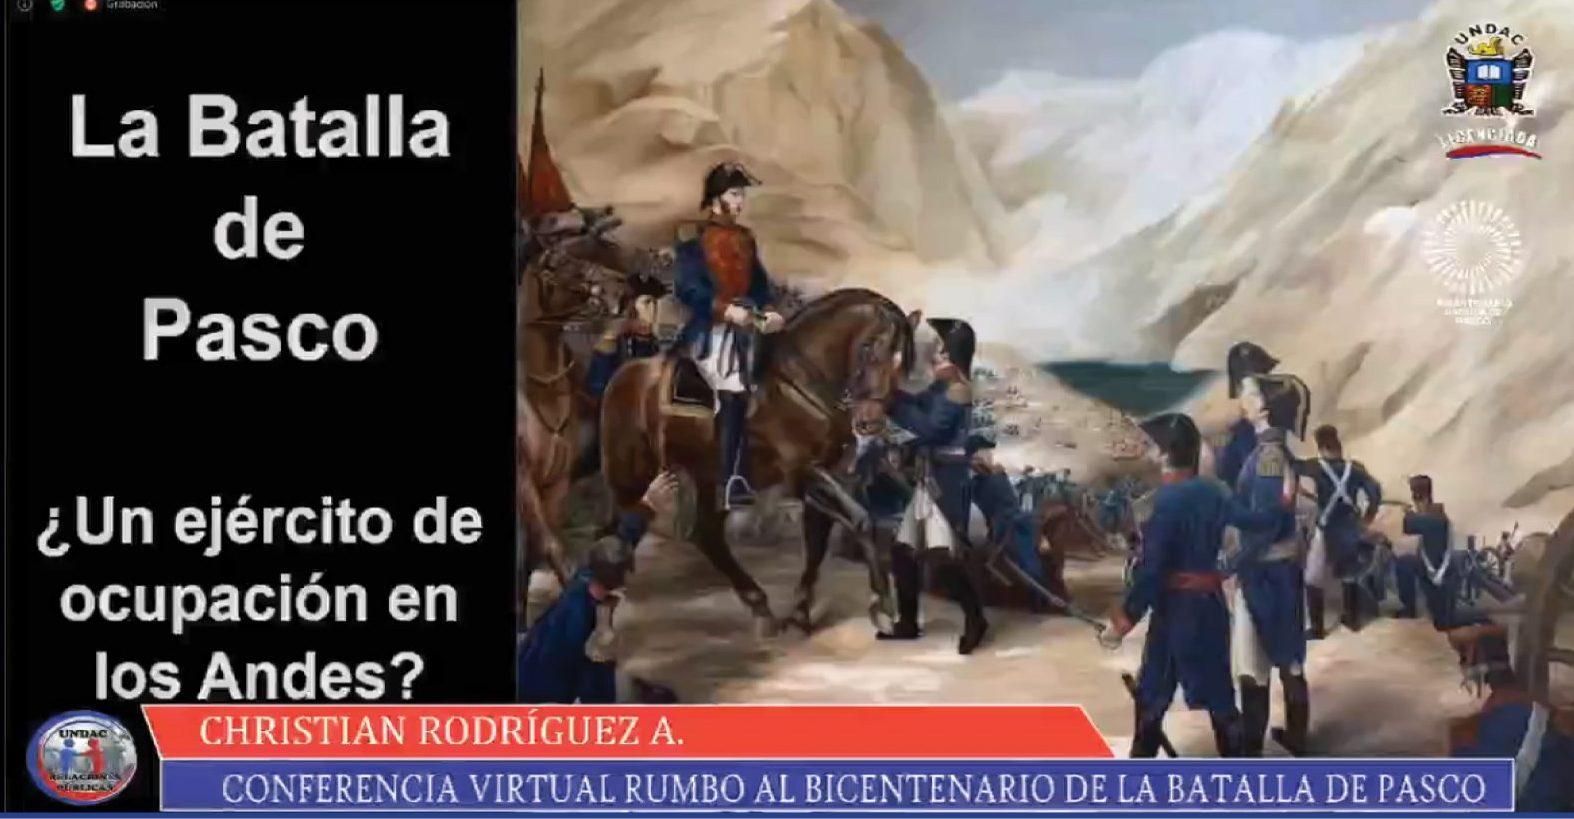 CONTINÚA CICLO DE CONFERENCIAS POR EL BICENTENARIO DE LA BATALLA DE PASCO